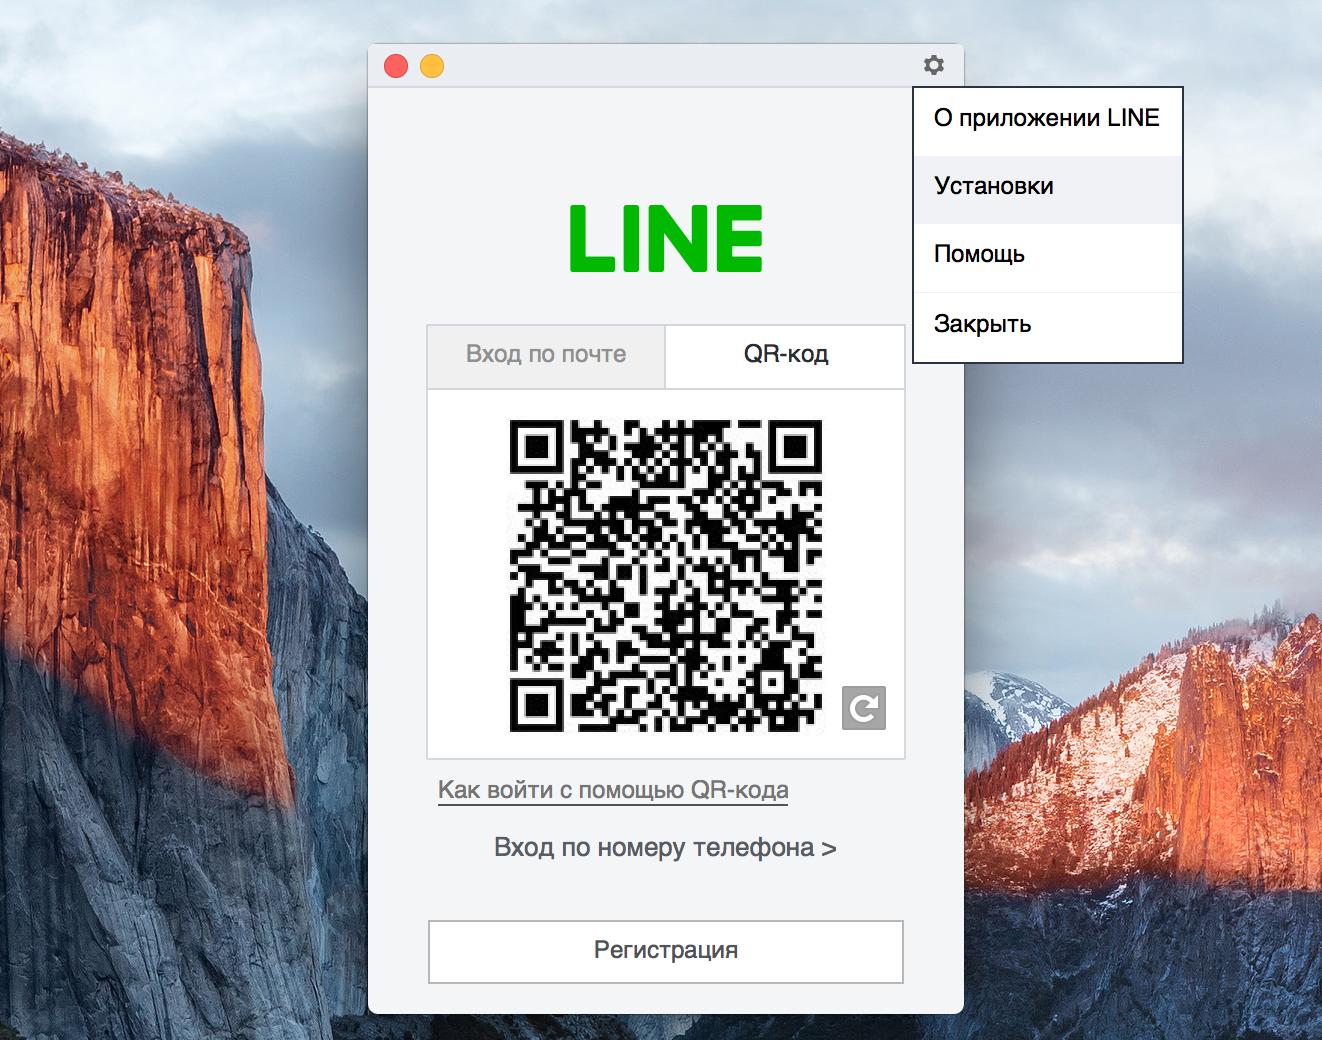 line приложение